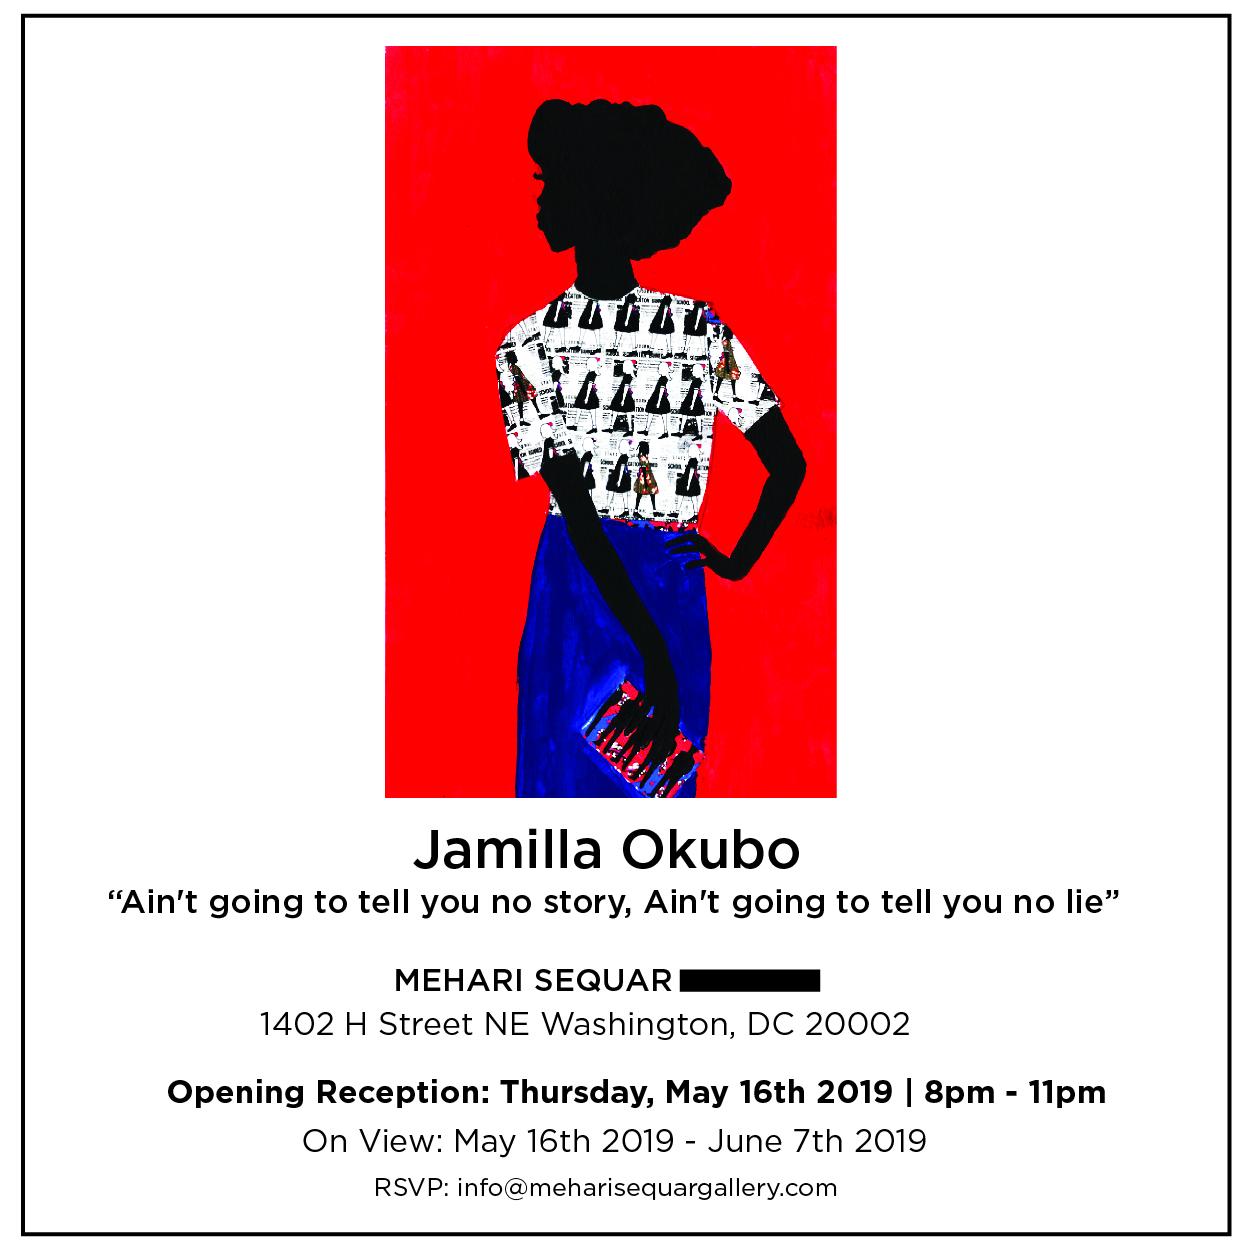 meharisequargallery_jamillaokubo_exhibitionflyer_2019JPG.JPG